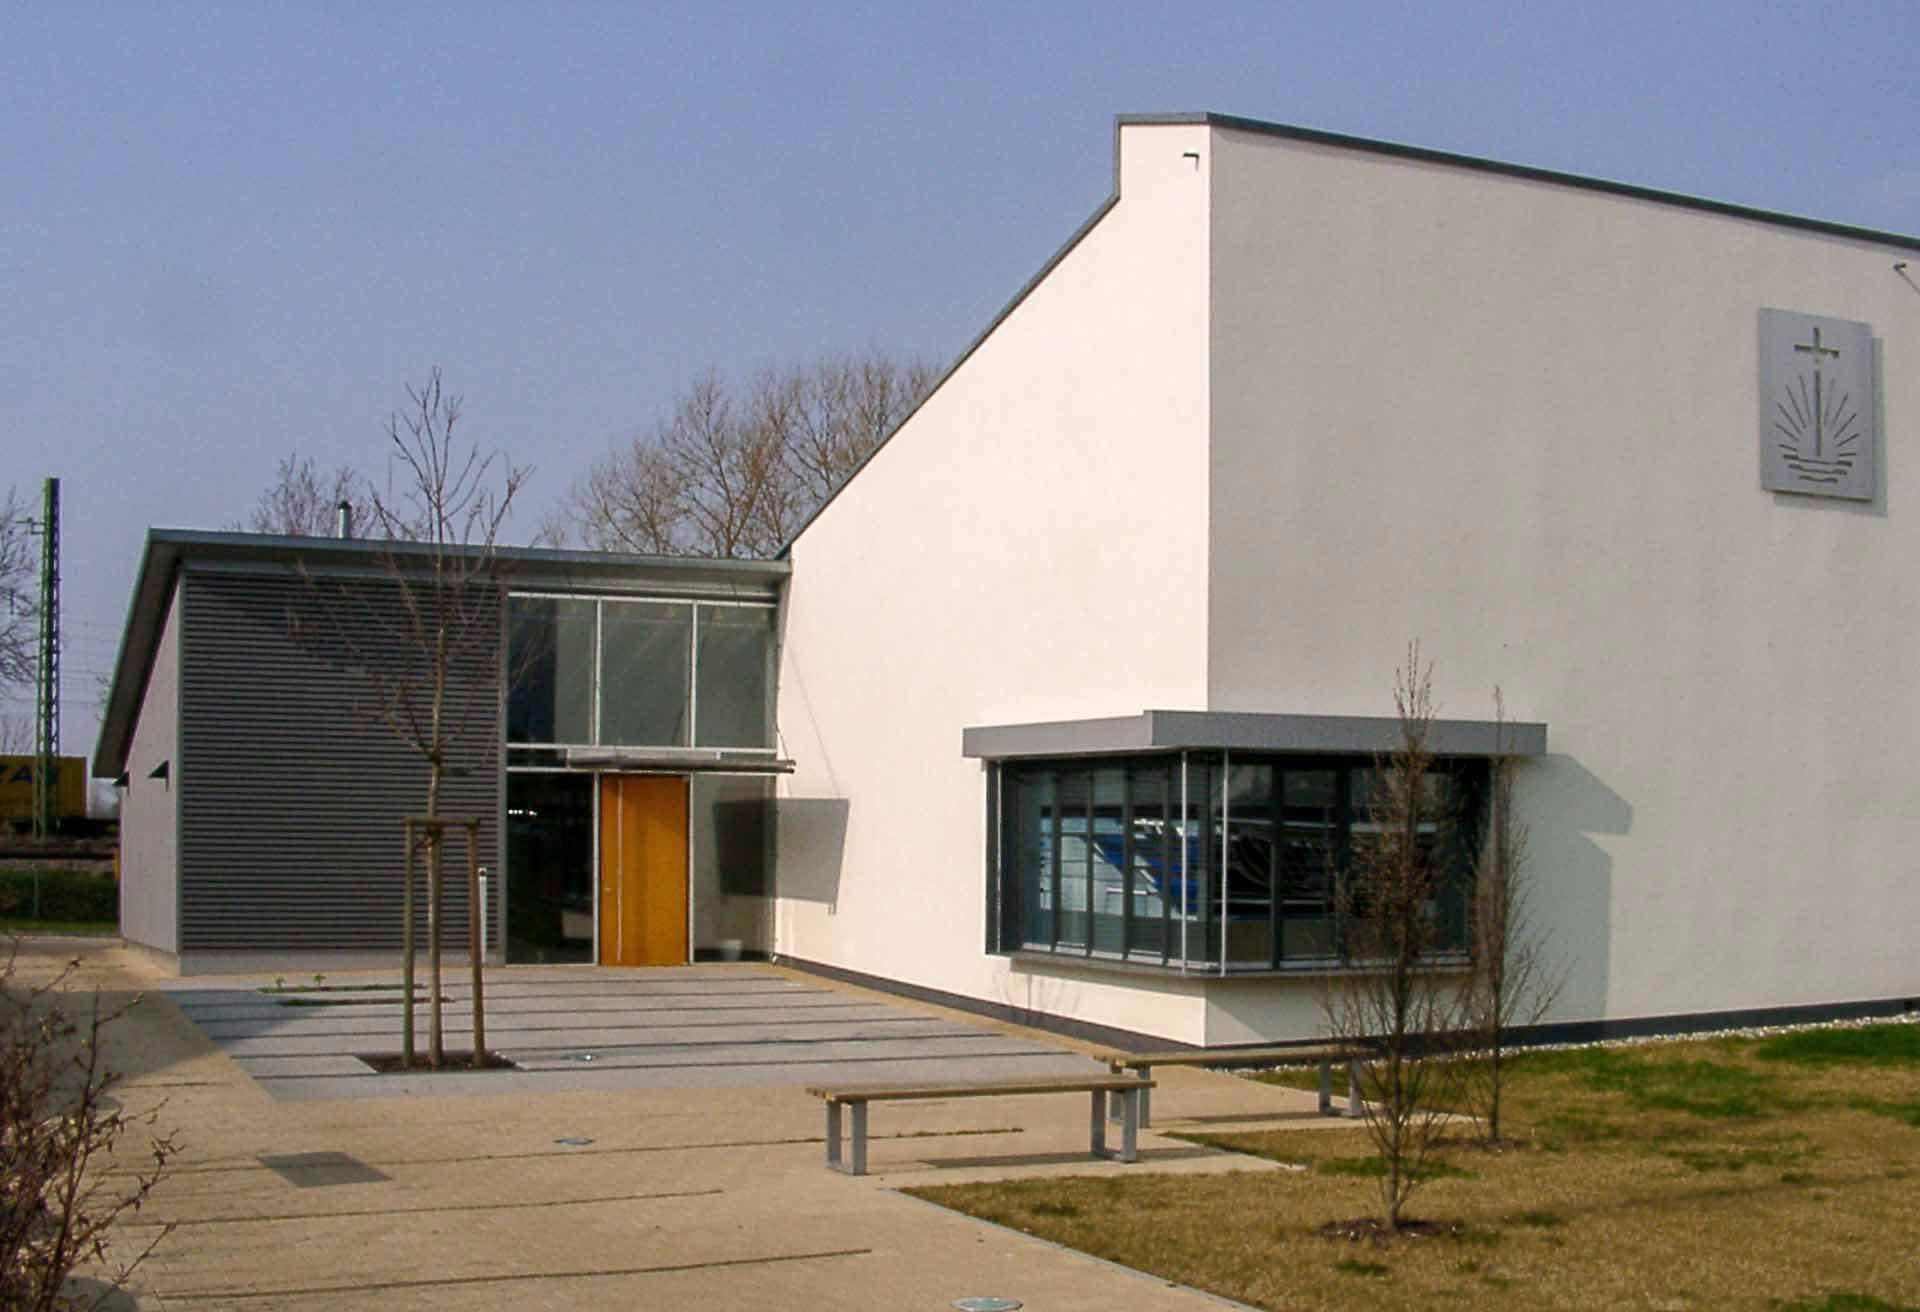 03260008-2 - Neuapostolische Kirche Bad Krozingen